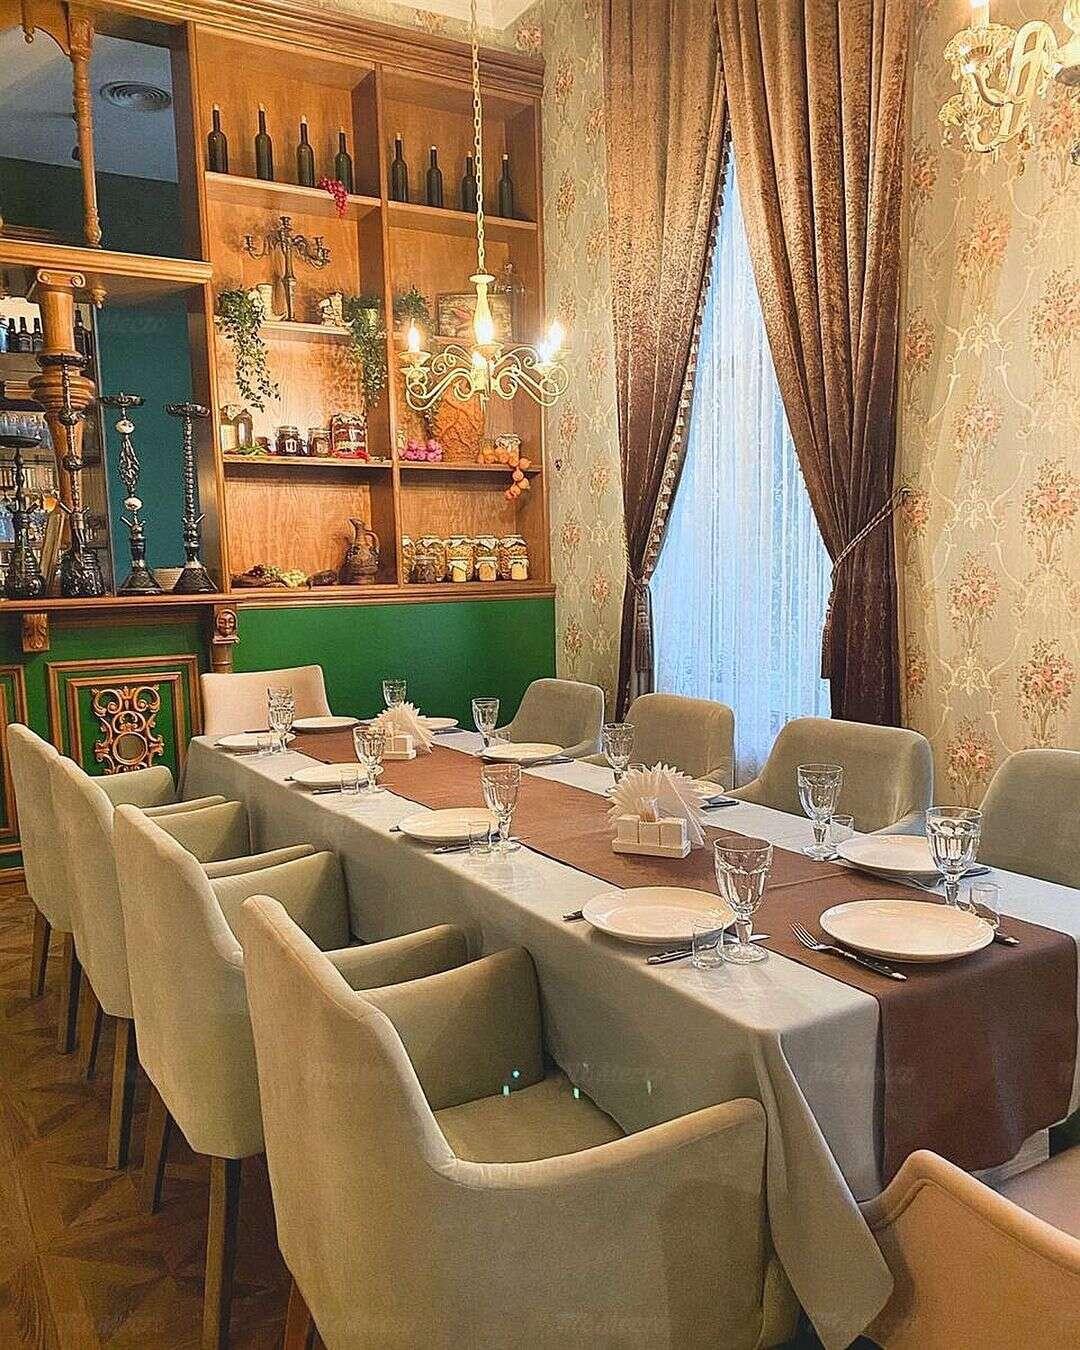 Ресторан Хванчкара на улице Селезнёва